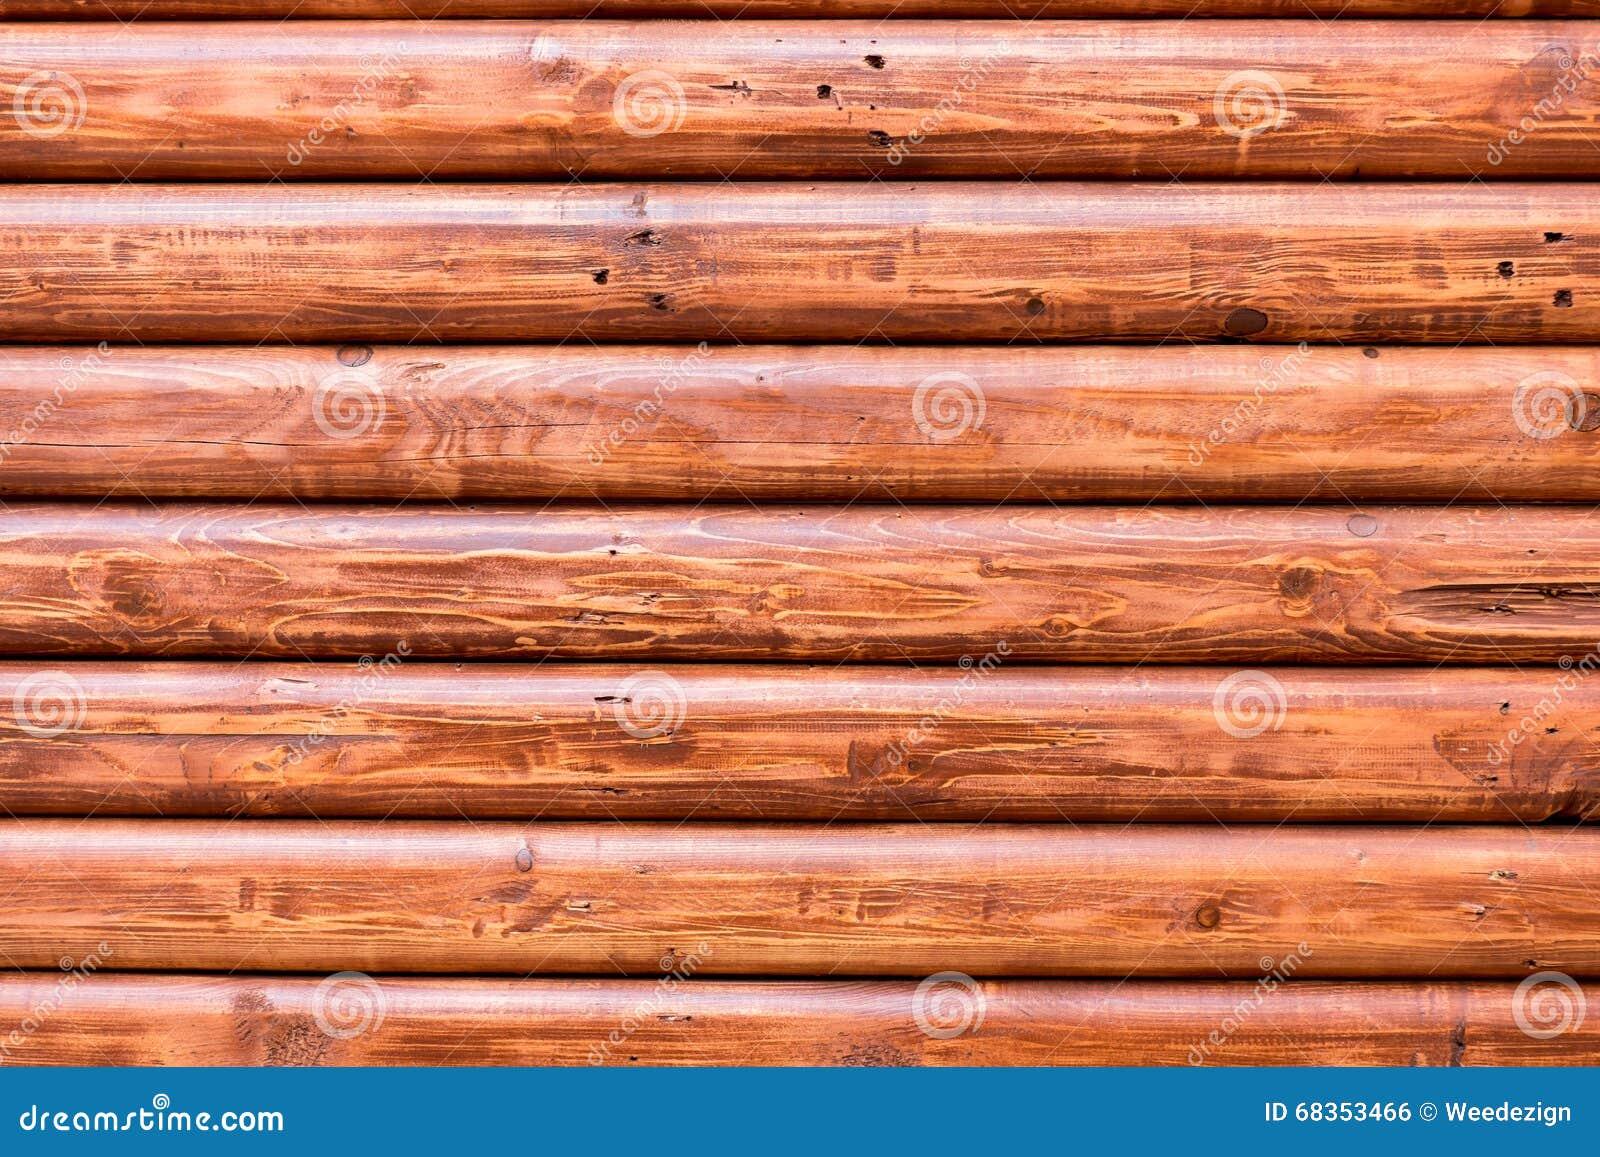 fond en bois de texture de planche de rondins bruns de lustre photo stock image 68353466. Black Bedroom Furniture Sets. Home Design Ideas